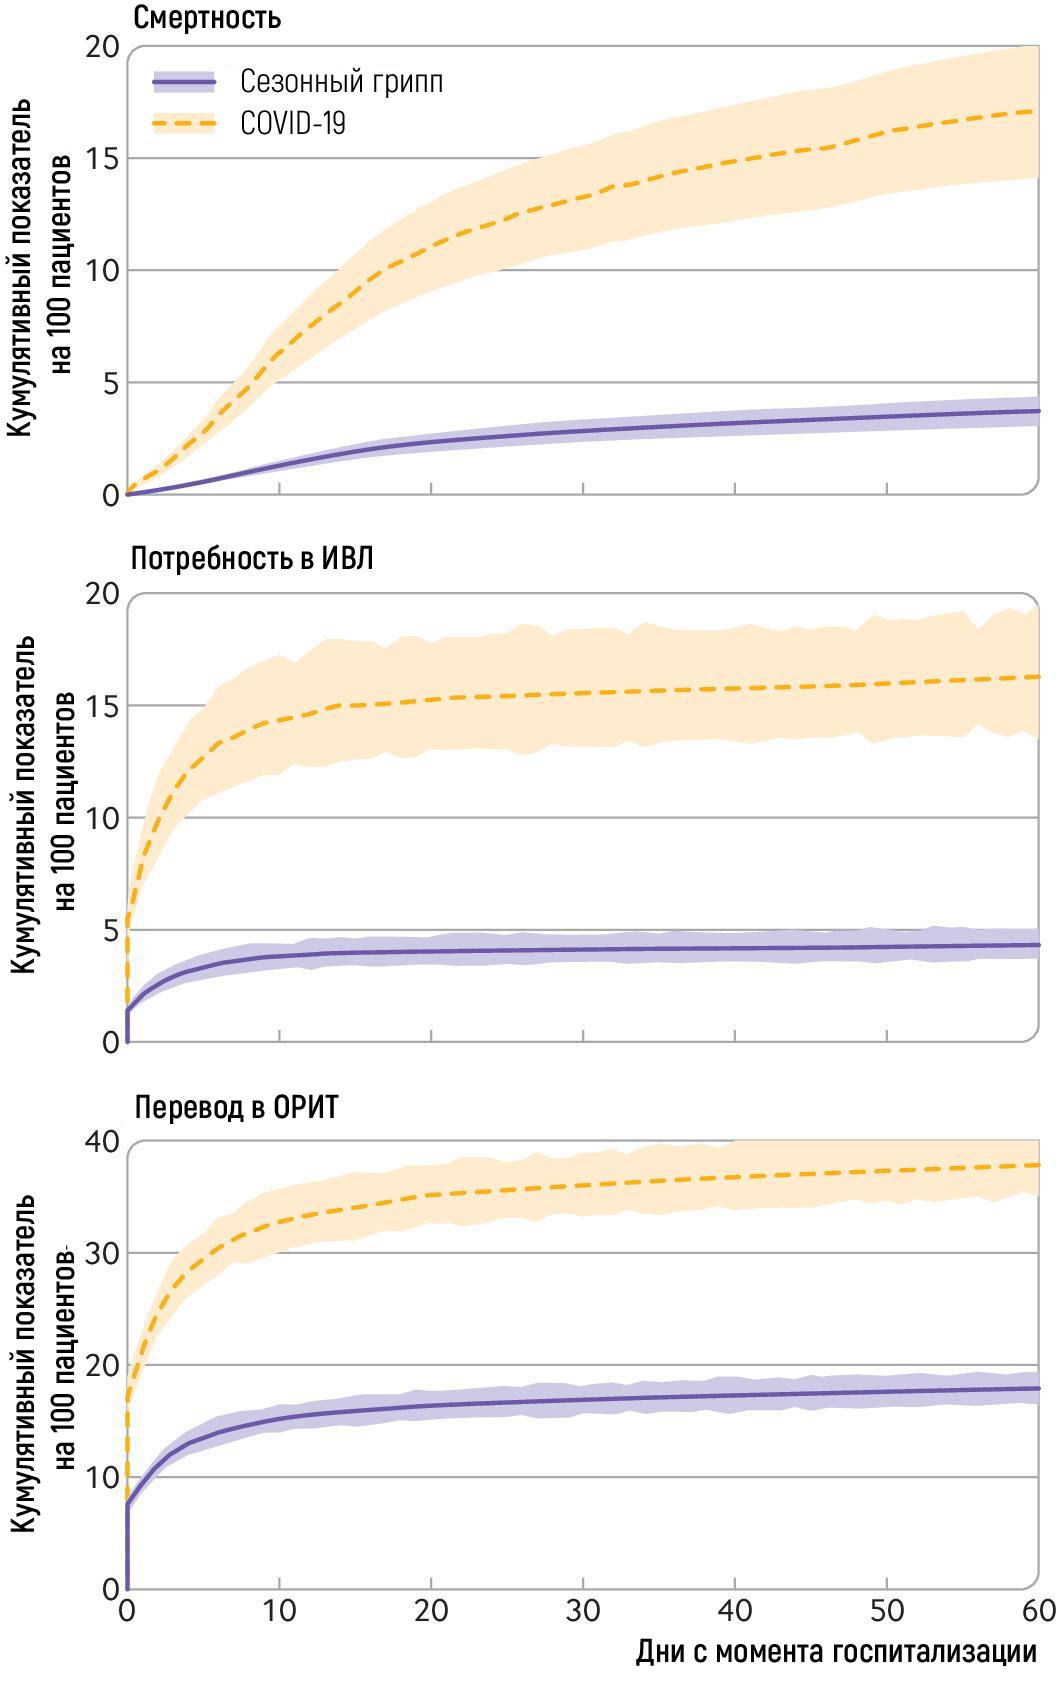 Скорректированный совокупный уровень заболеваемости (ДИ 95%) исмертности, использования аппарата ИВЛ иперевода вОРИТ на100 пациентов, госпитализированных ссезонным гриппом иCOVID-19.